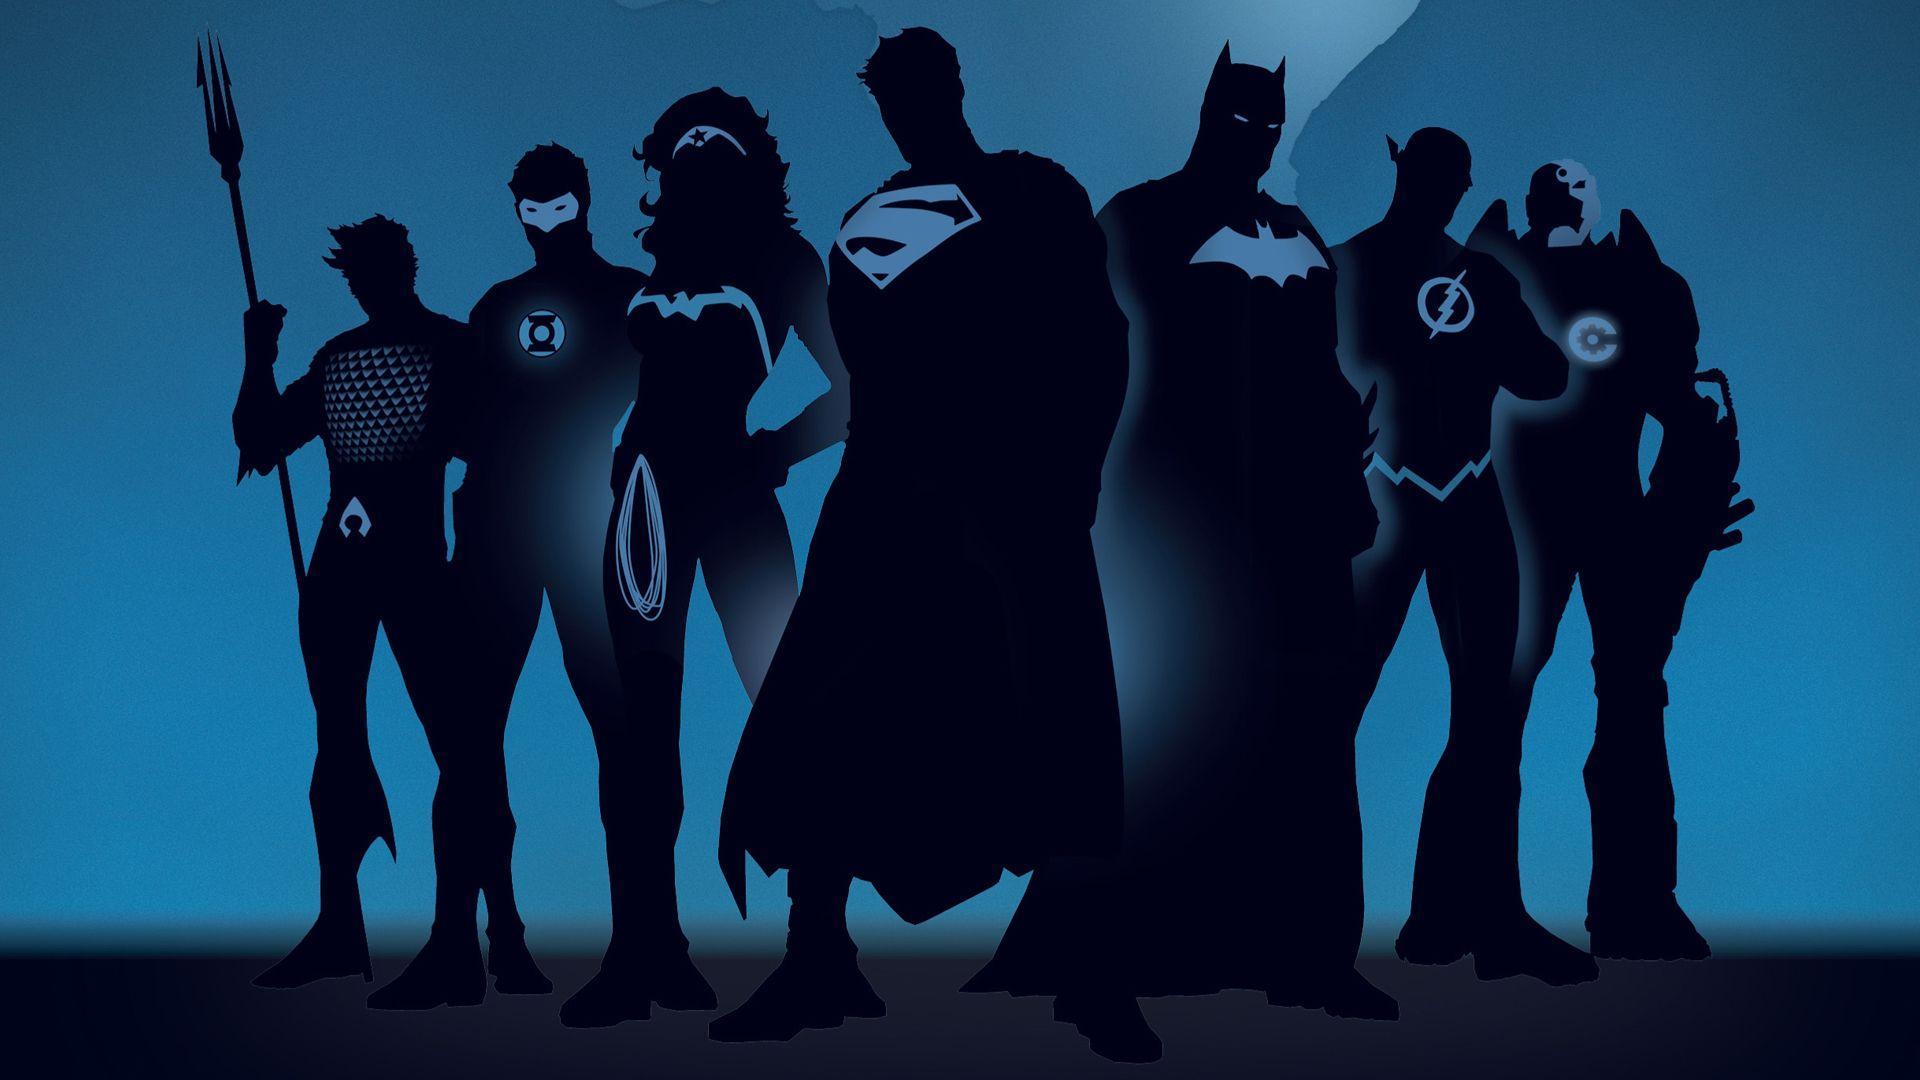 Batman Kills Justice League